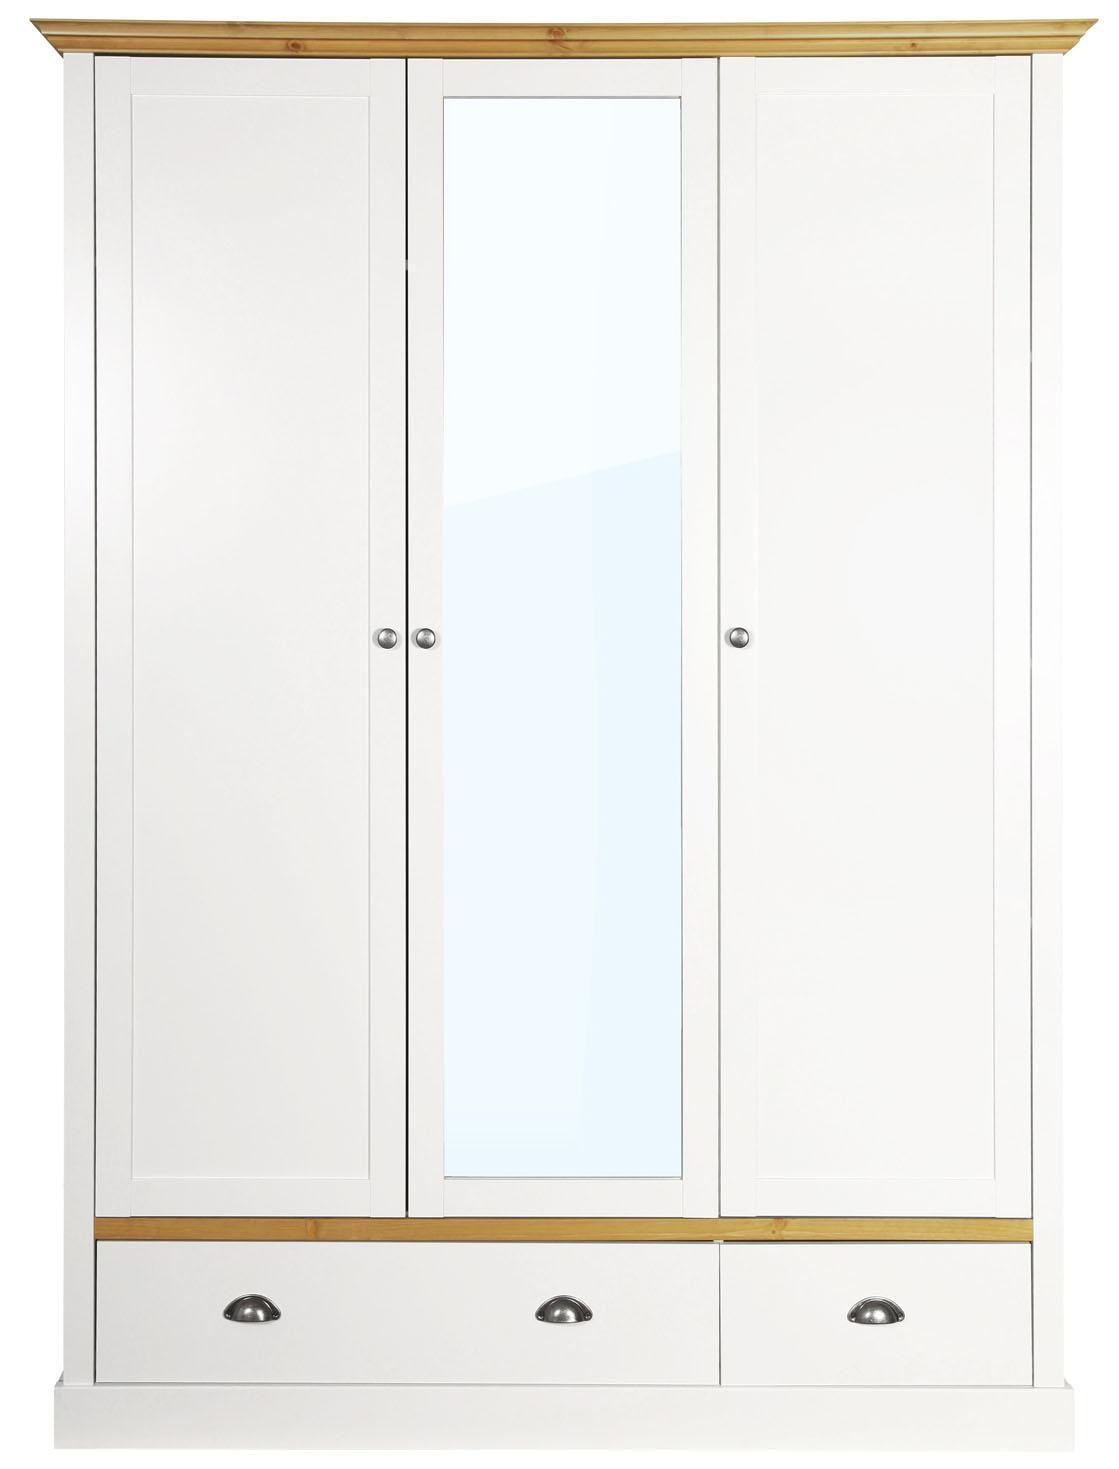 Home affaire Kleiderschrank Sandringham mit 2 Schubladen und 3 Türen Breite 148 cm